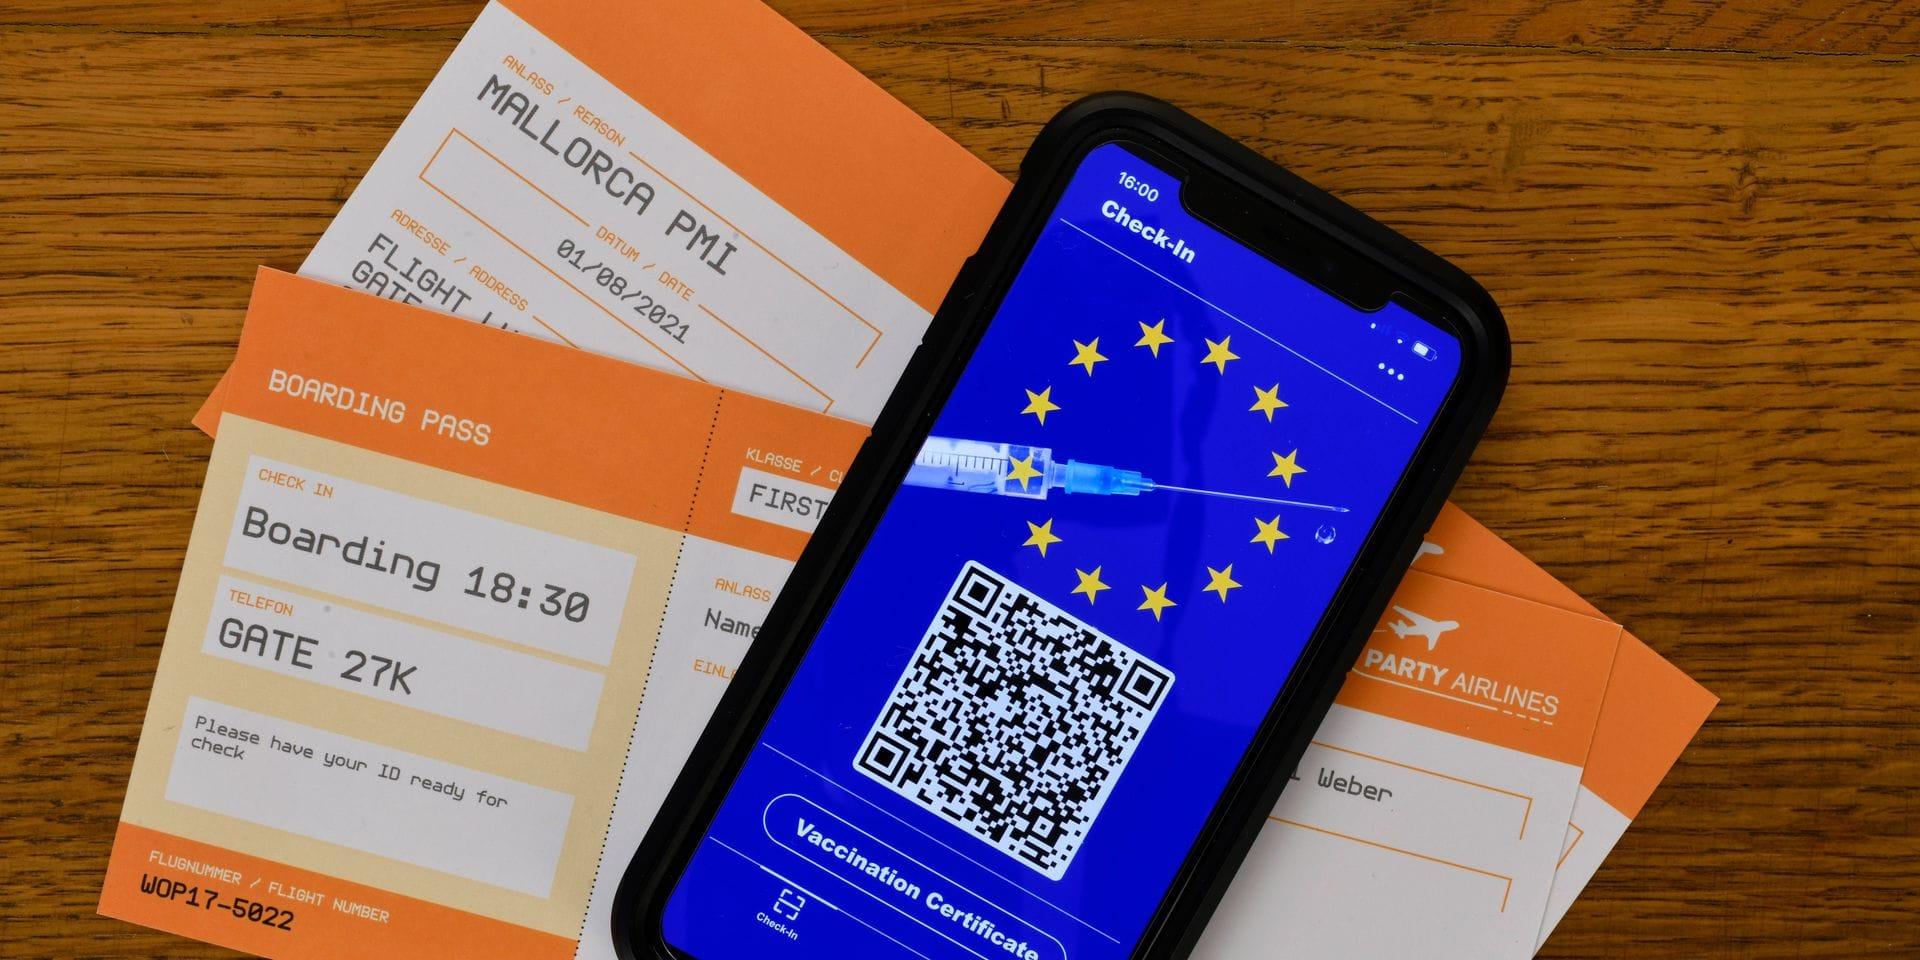 Symbofoto Impfprivilegien, Smartphone mit digitalem europäischen Impfpass mit QR-Code, Bordkarten für Flugreise, Corona